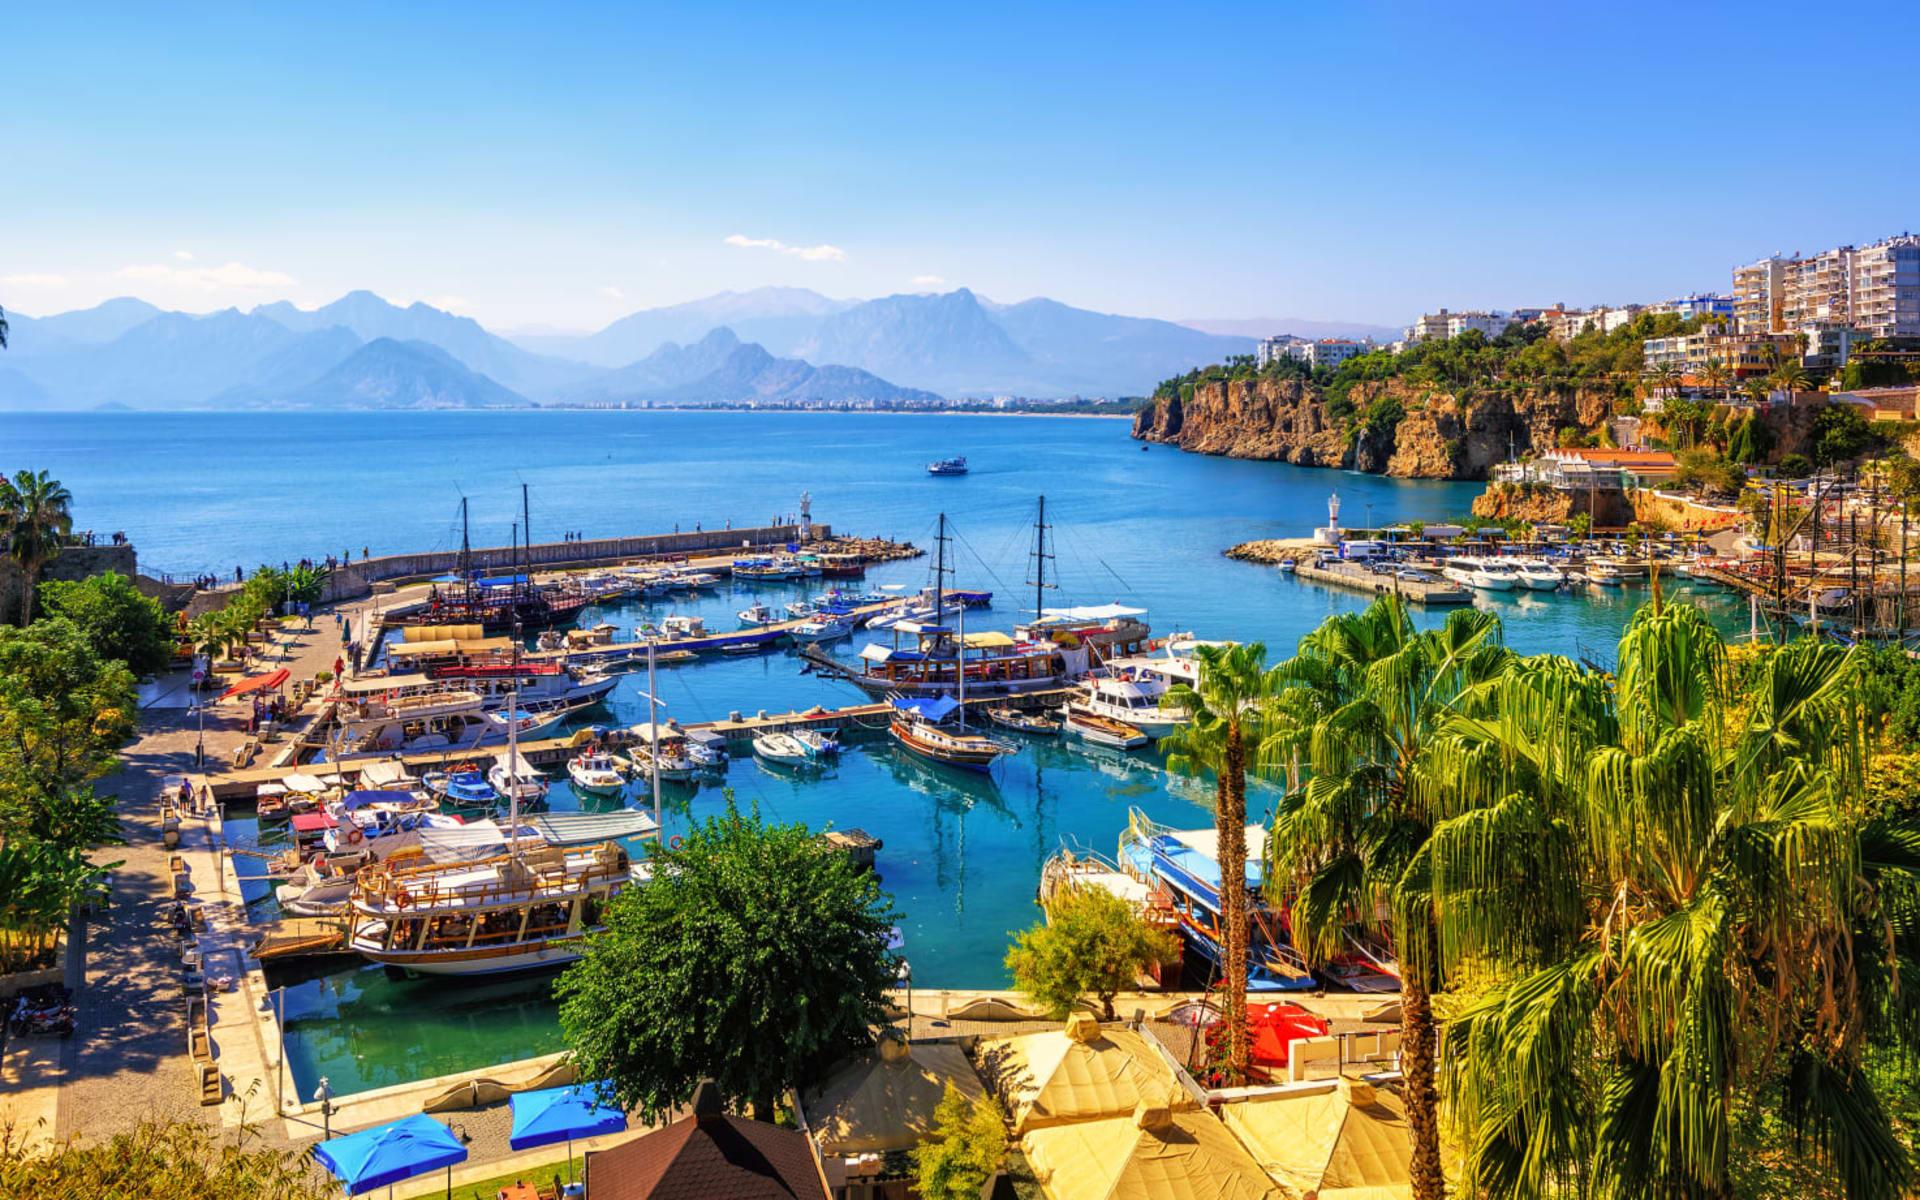 Badeferien im Delphine Diva ab Antalya: Bucht_Antalya